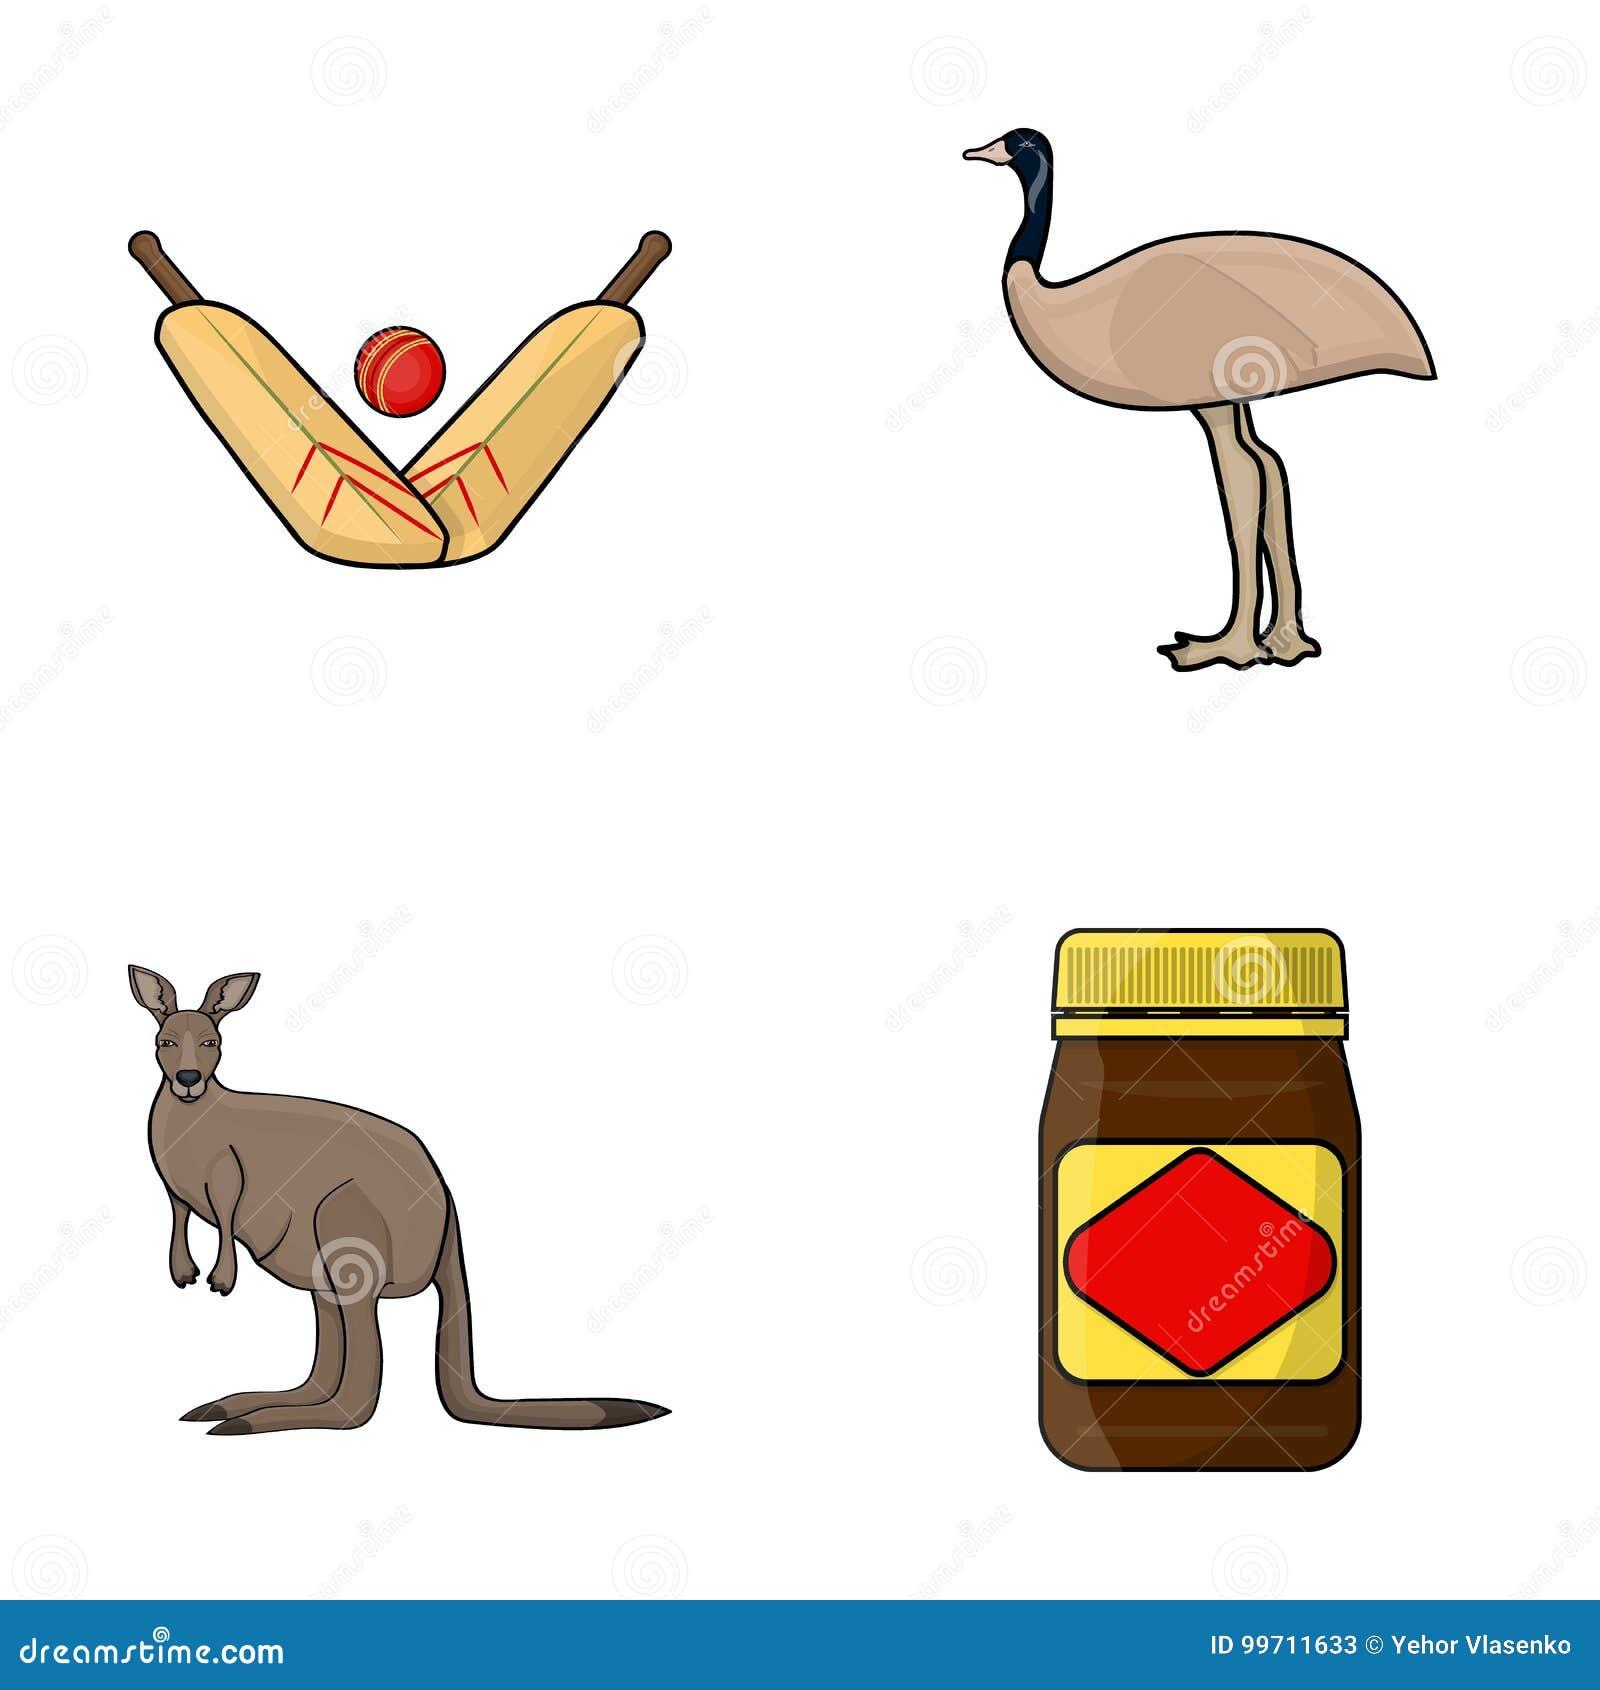 a game of cricket an emu ostrich a kangaroo a popular food rh dreamstime com Crickets Chirping Quiet Crickets Cartoon